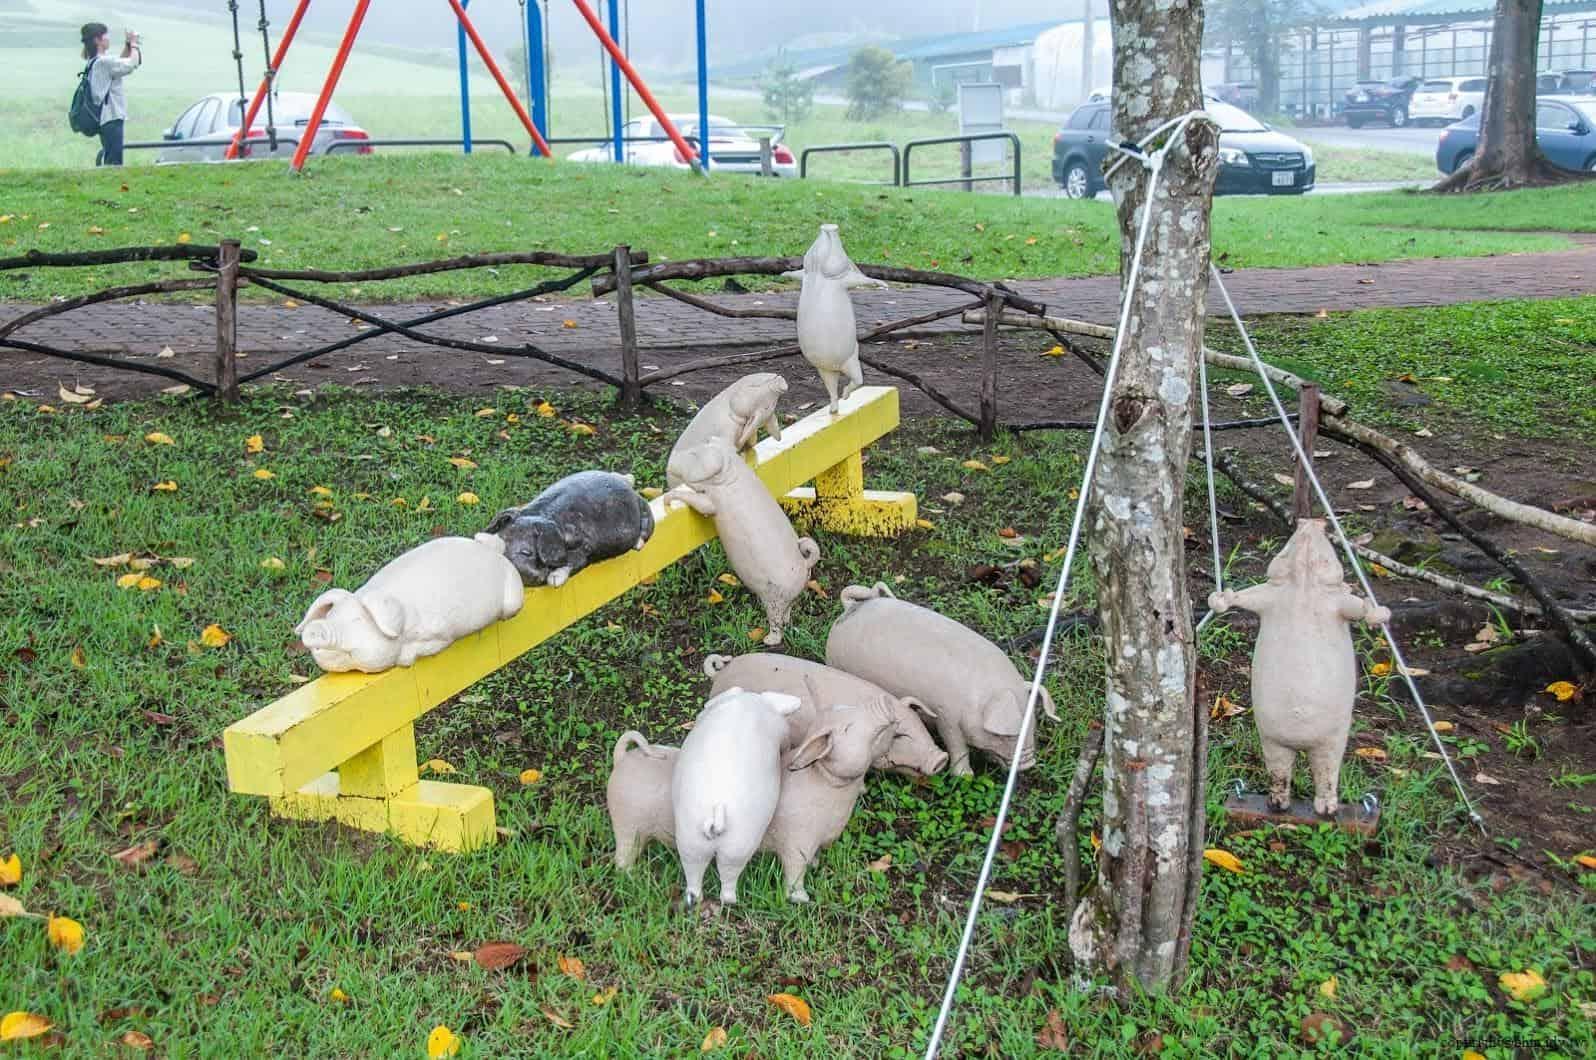 岡山富男,馬戲團@里山藝術動物園,每隻豬的動作與表情各有其風景 里山藝術動物園 里山藝術動物園 satoyama art zoo 06